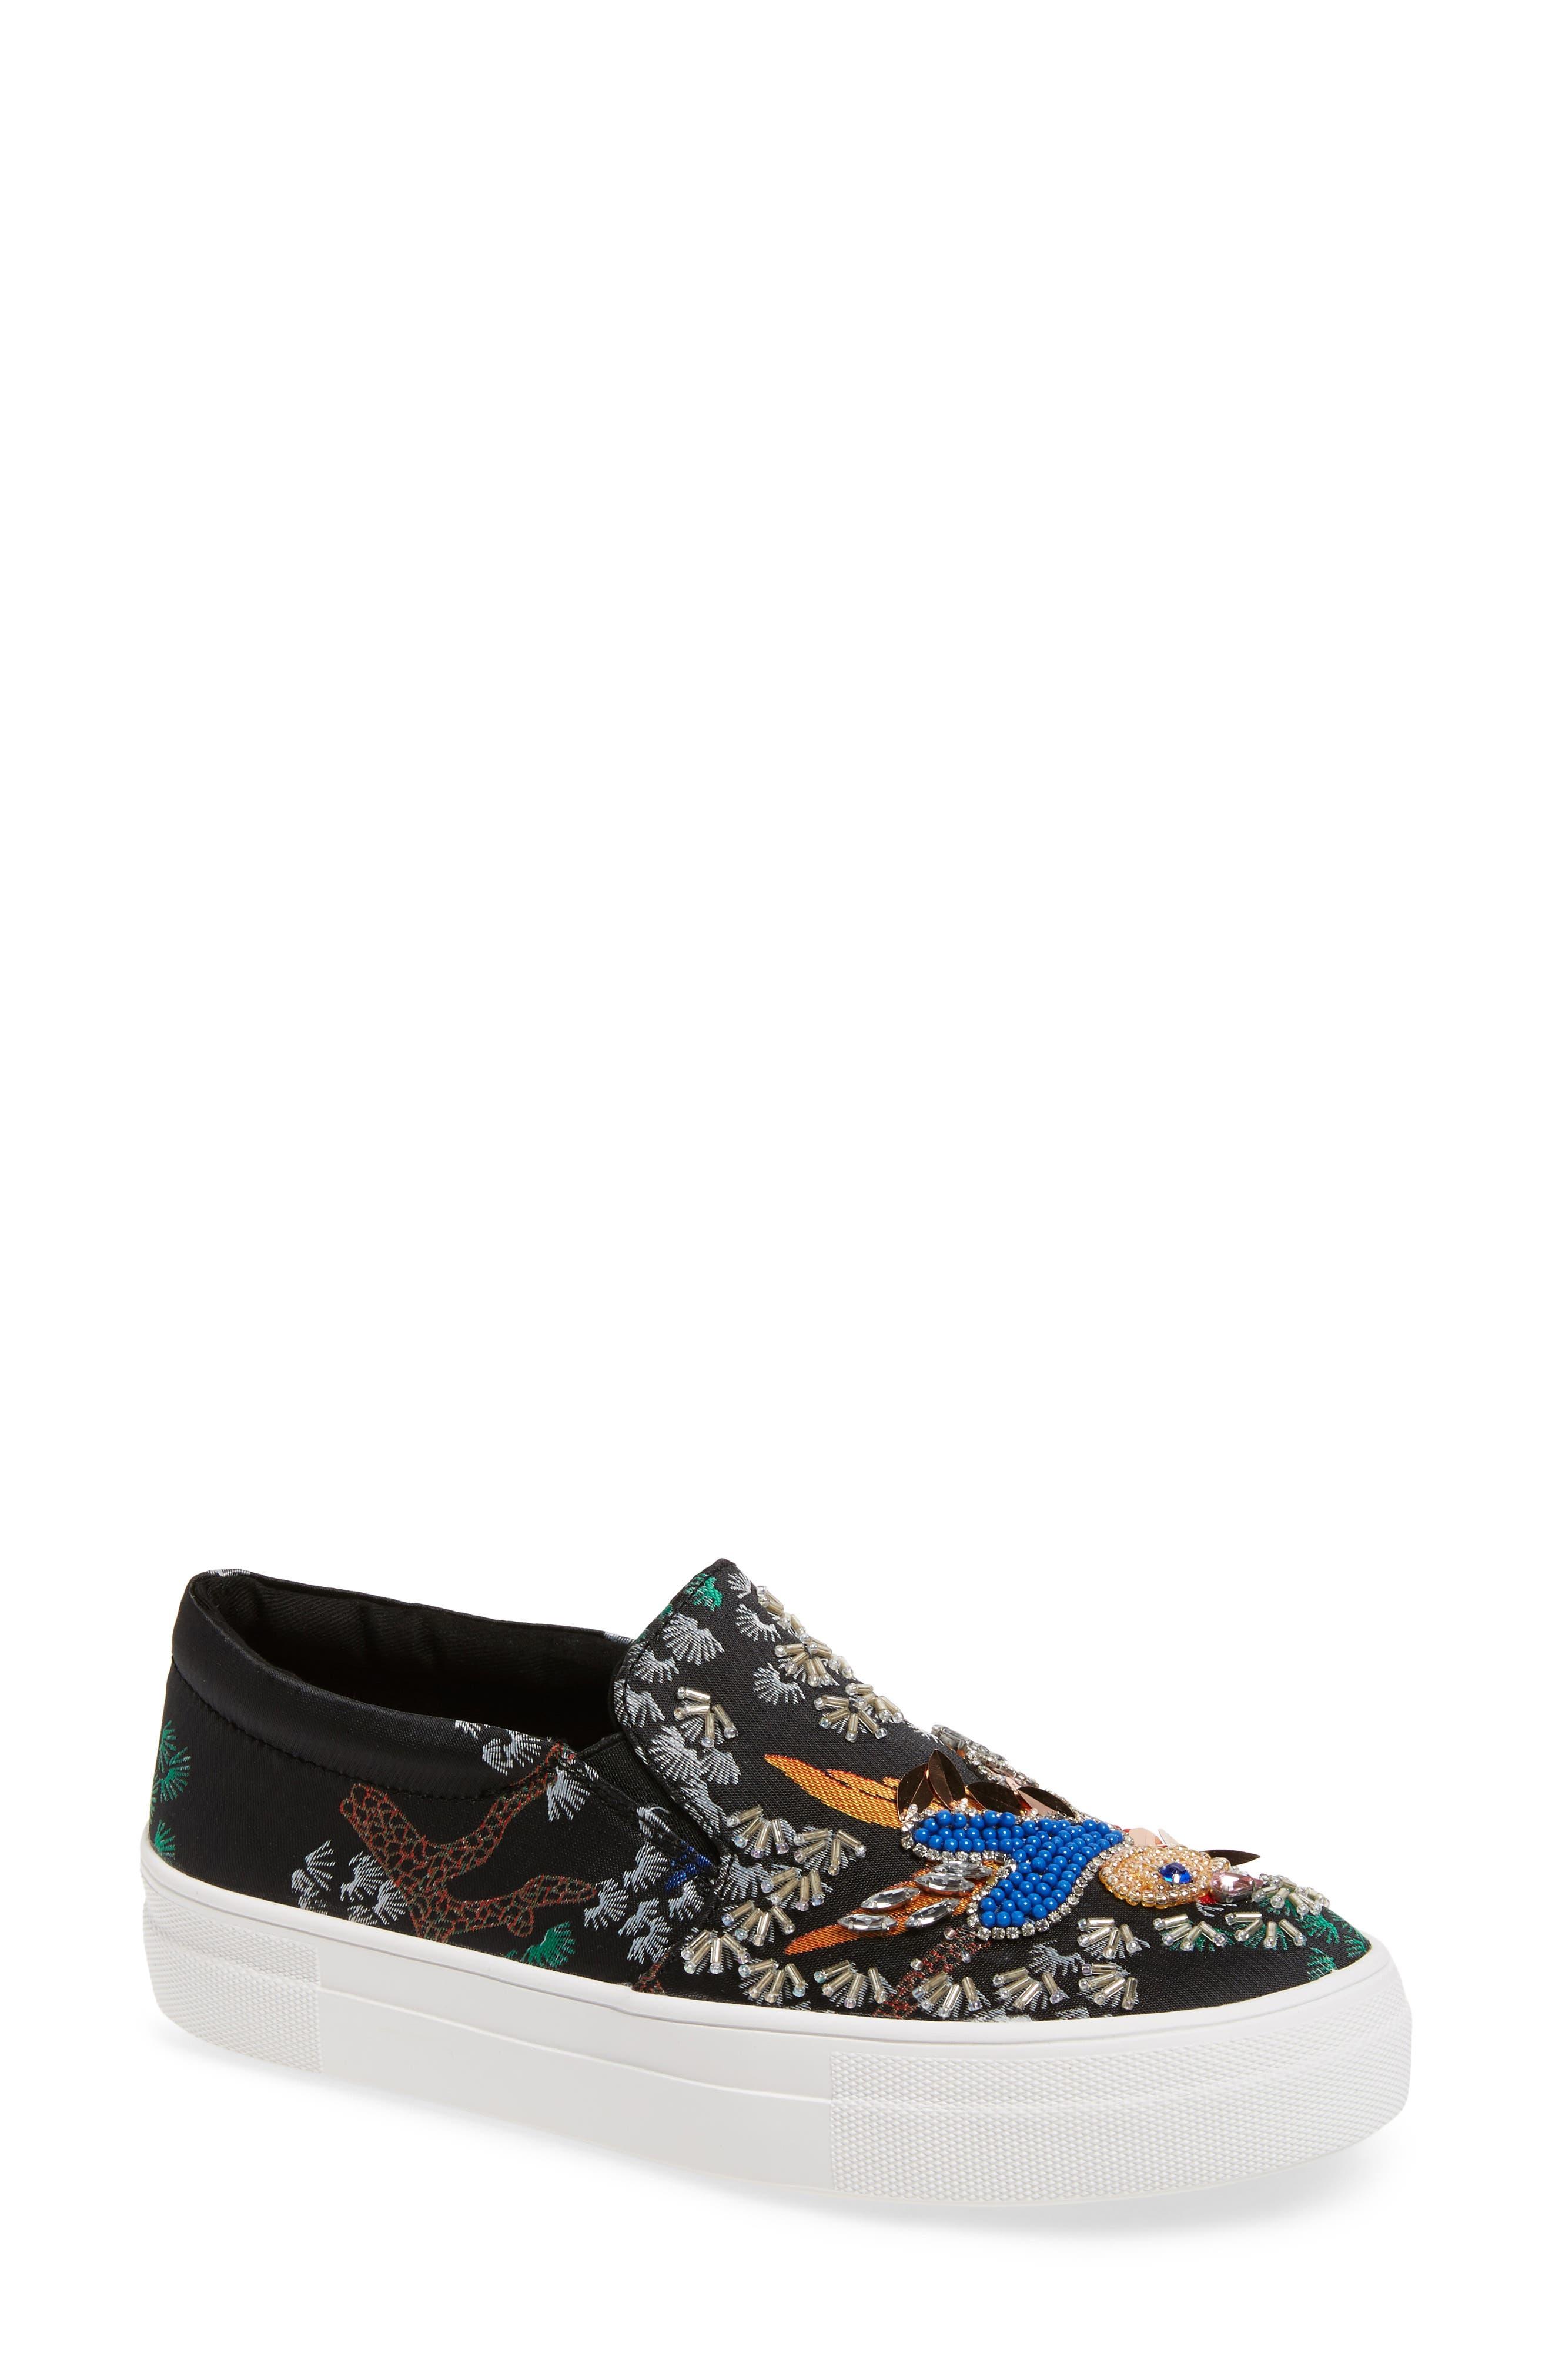 Gwen Embellished Slip-On Platform Sneaker,                         Main,                         color, Black Multi